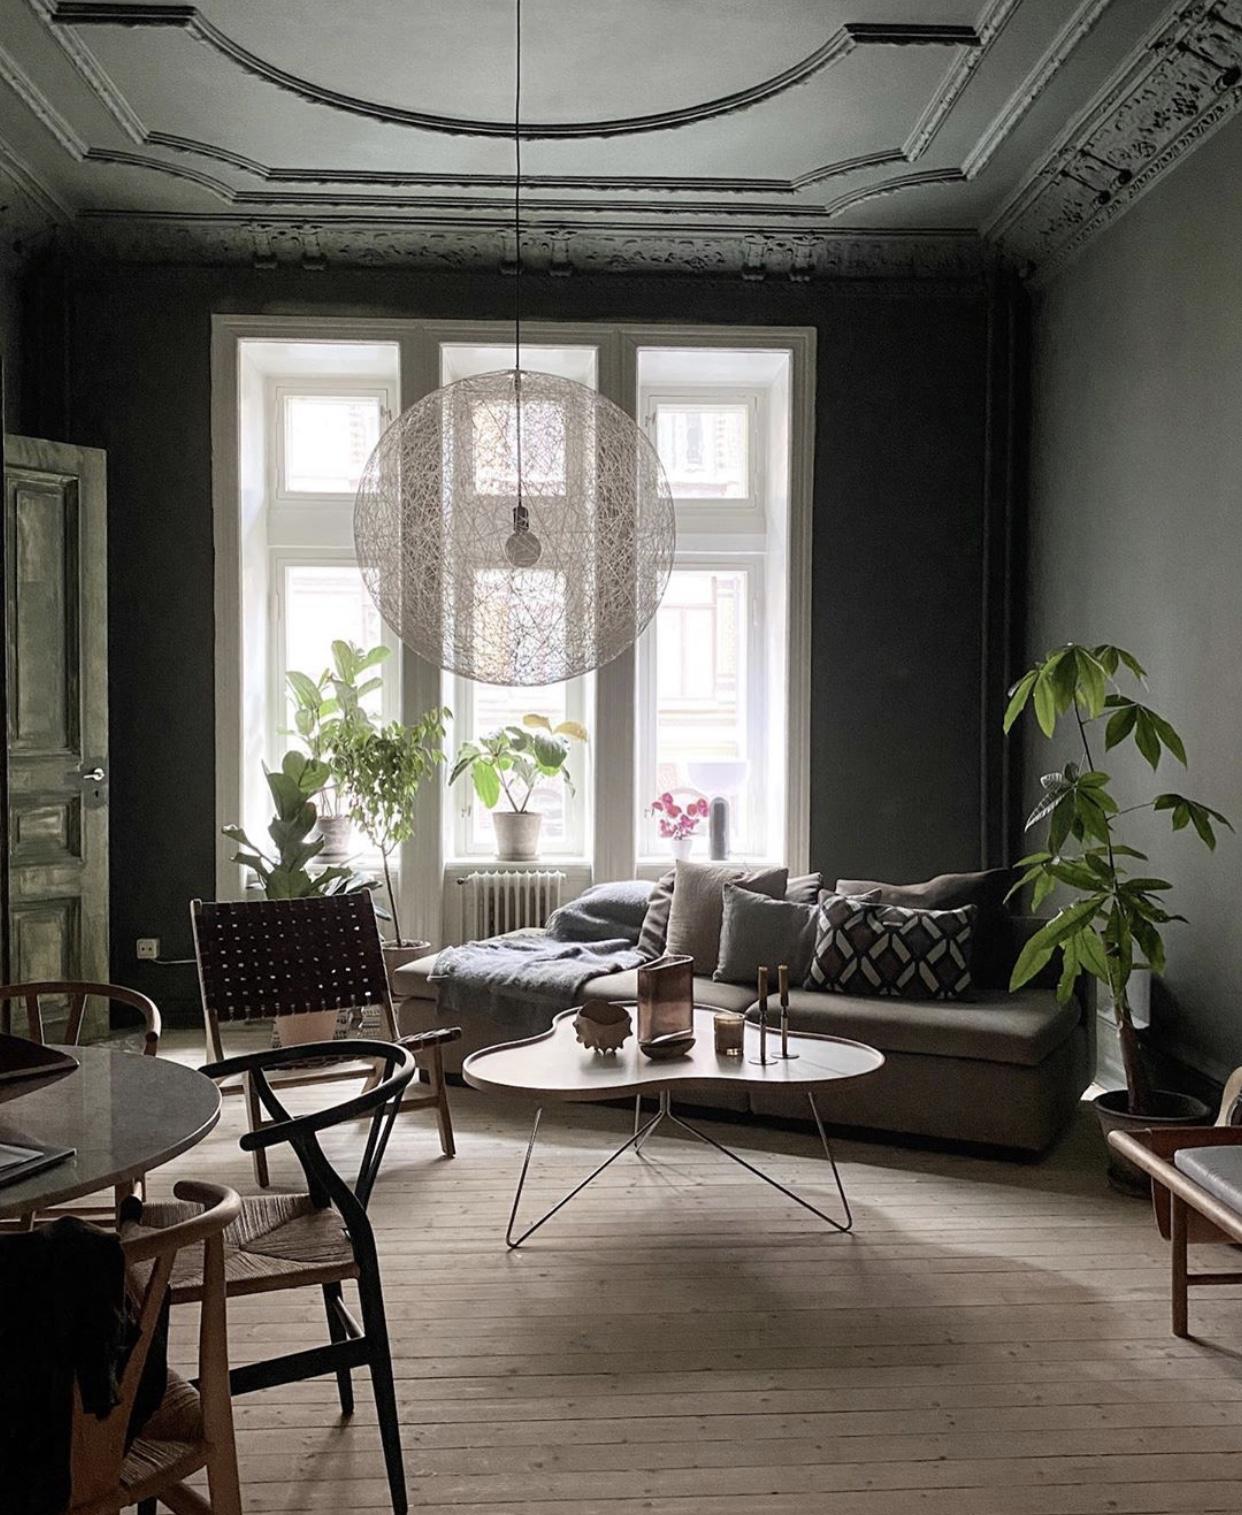 Hemma hos Sofie Izard Höyer är det grönt och skönt